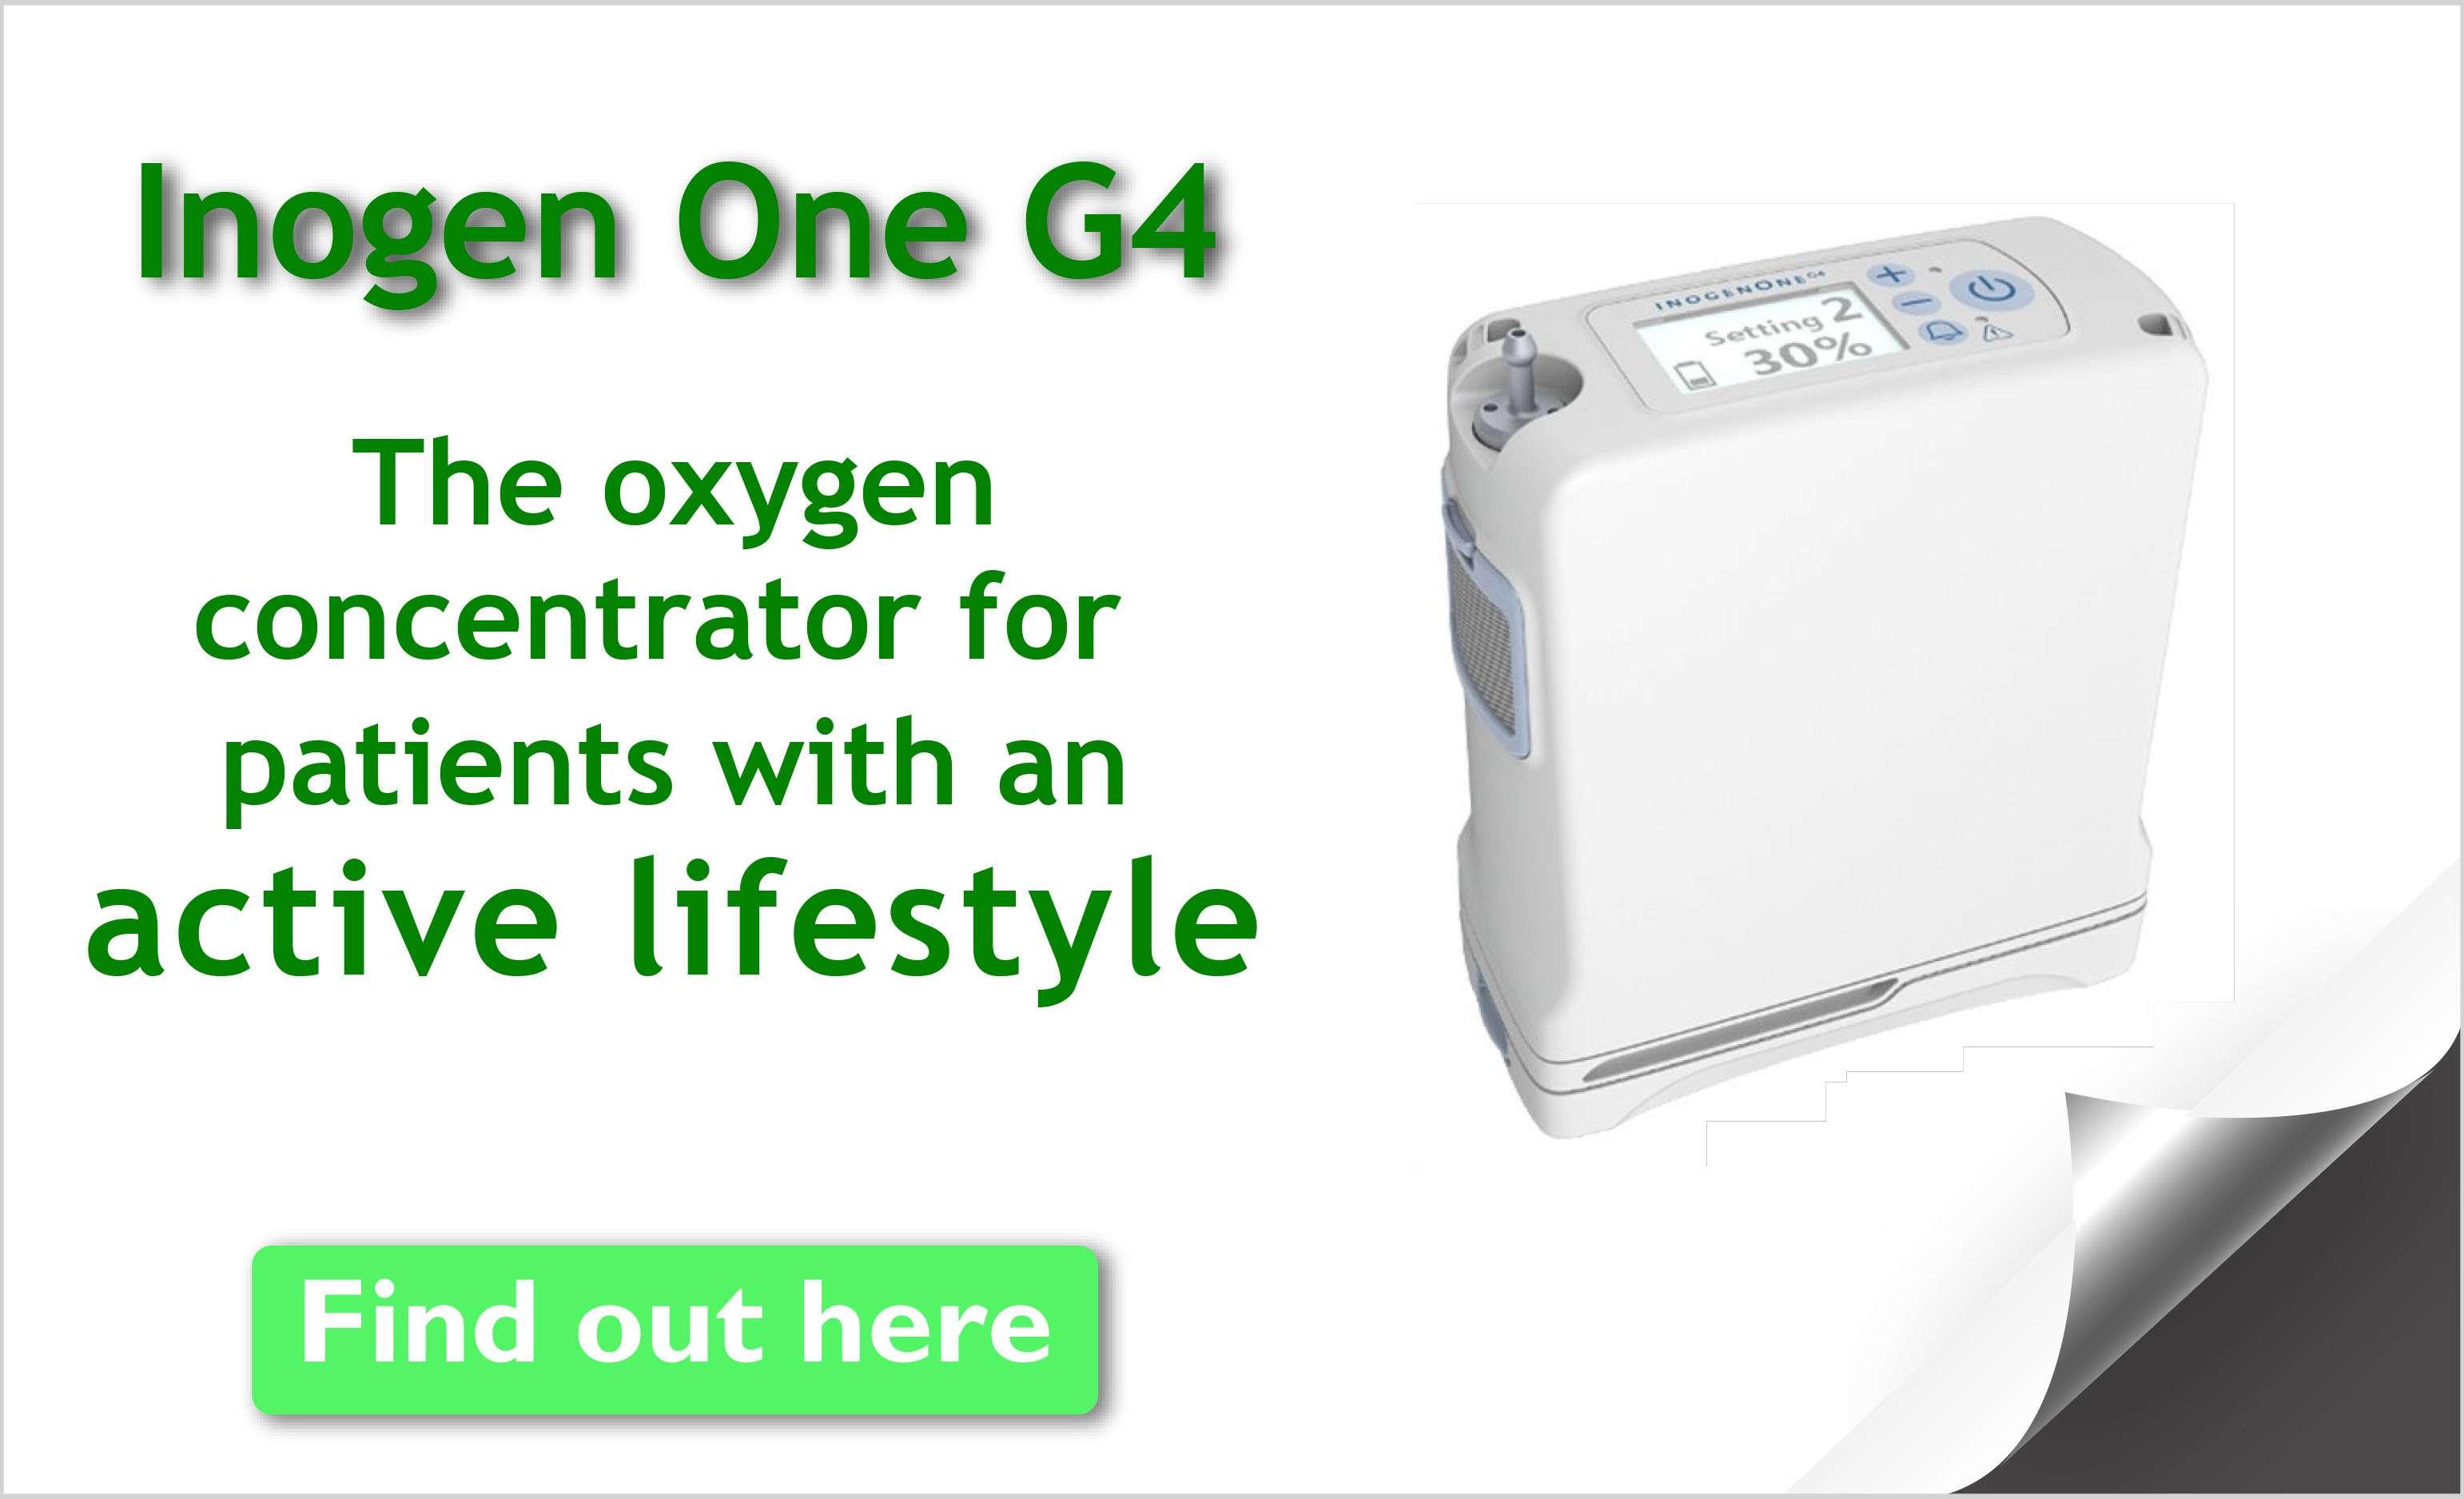 Inogen One G4